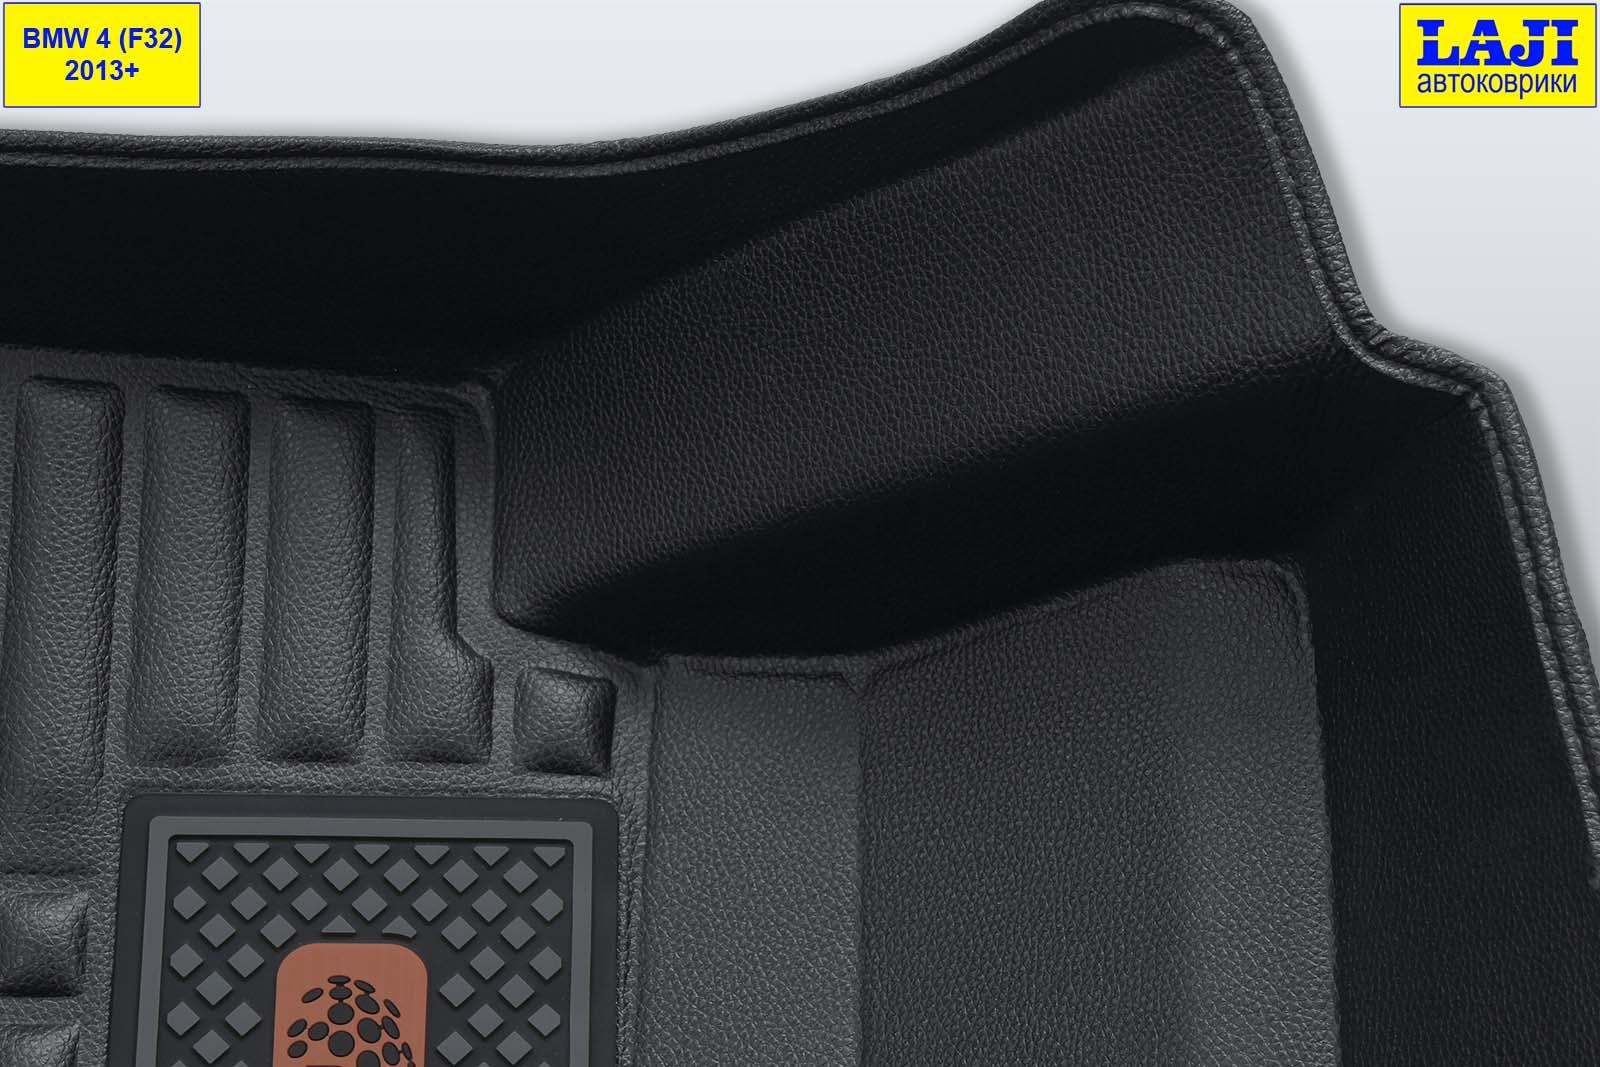 5D коврики в салон BMW 4 Coupe F32 2013-2020 6